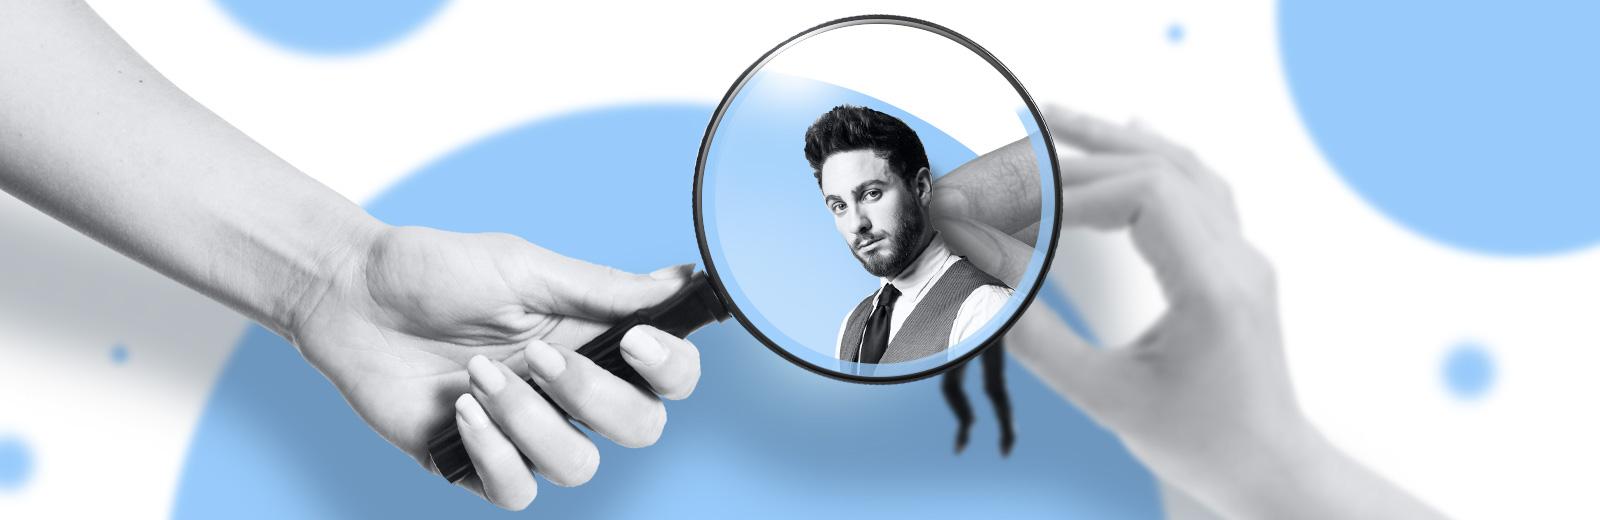 Точное попадание: как нанять подходящего сотрудника на должность?